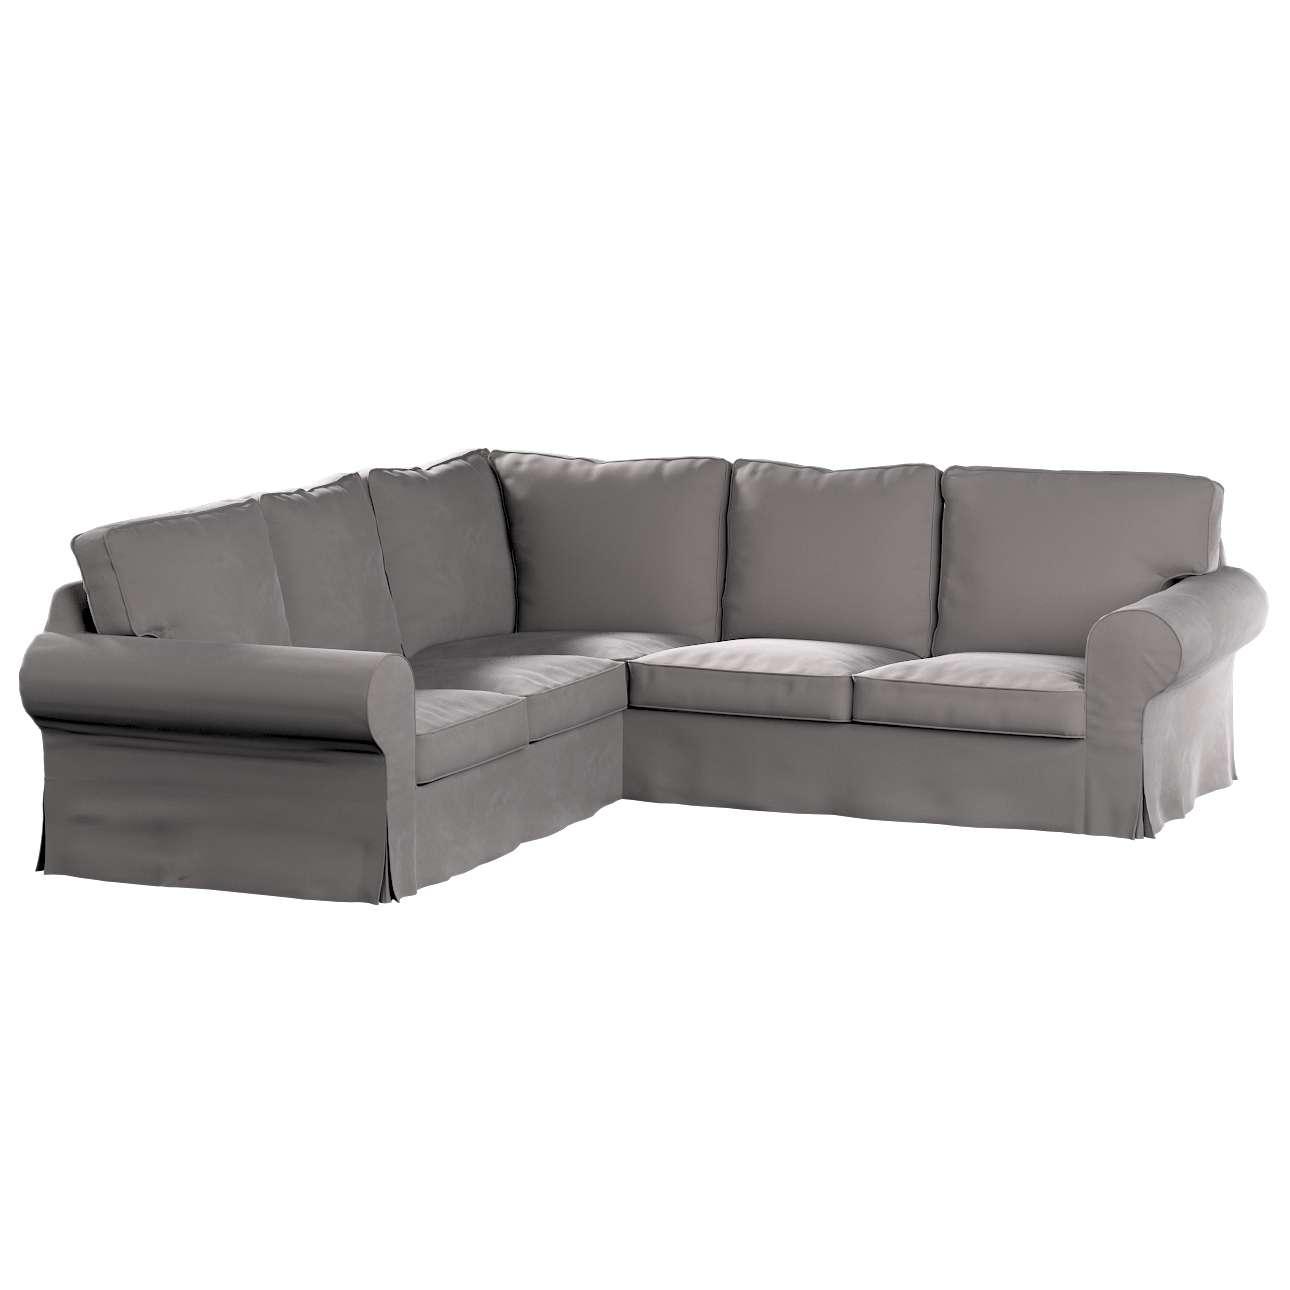 Pokrowiec na sofę narożną Ektorp w kolekcji Velvet, tkanina: 704-11